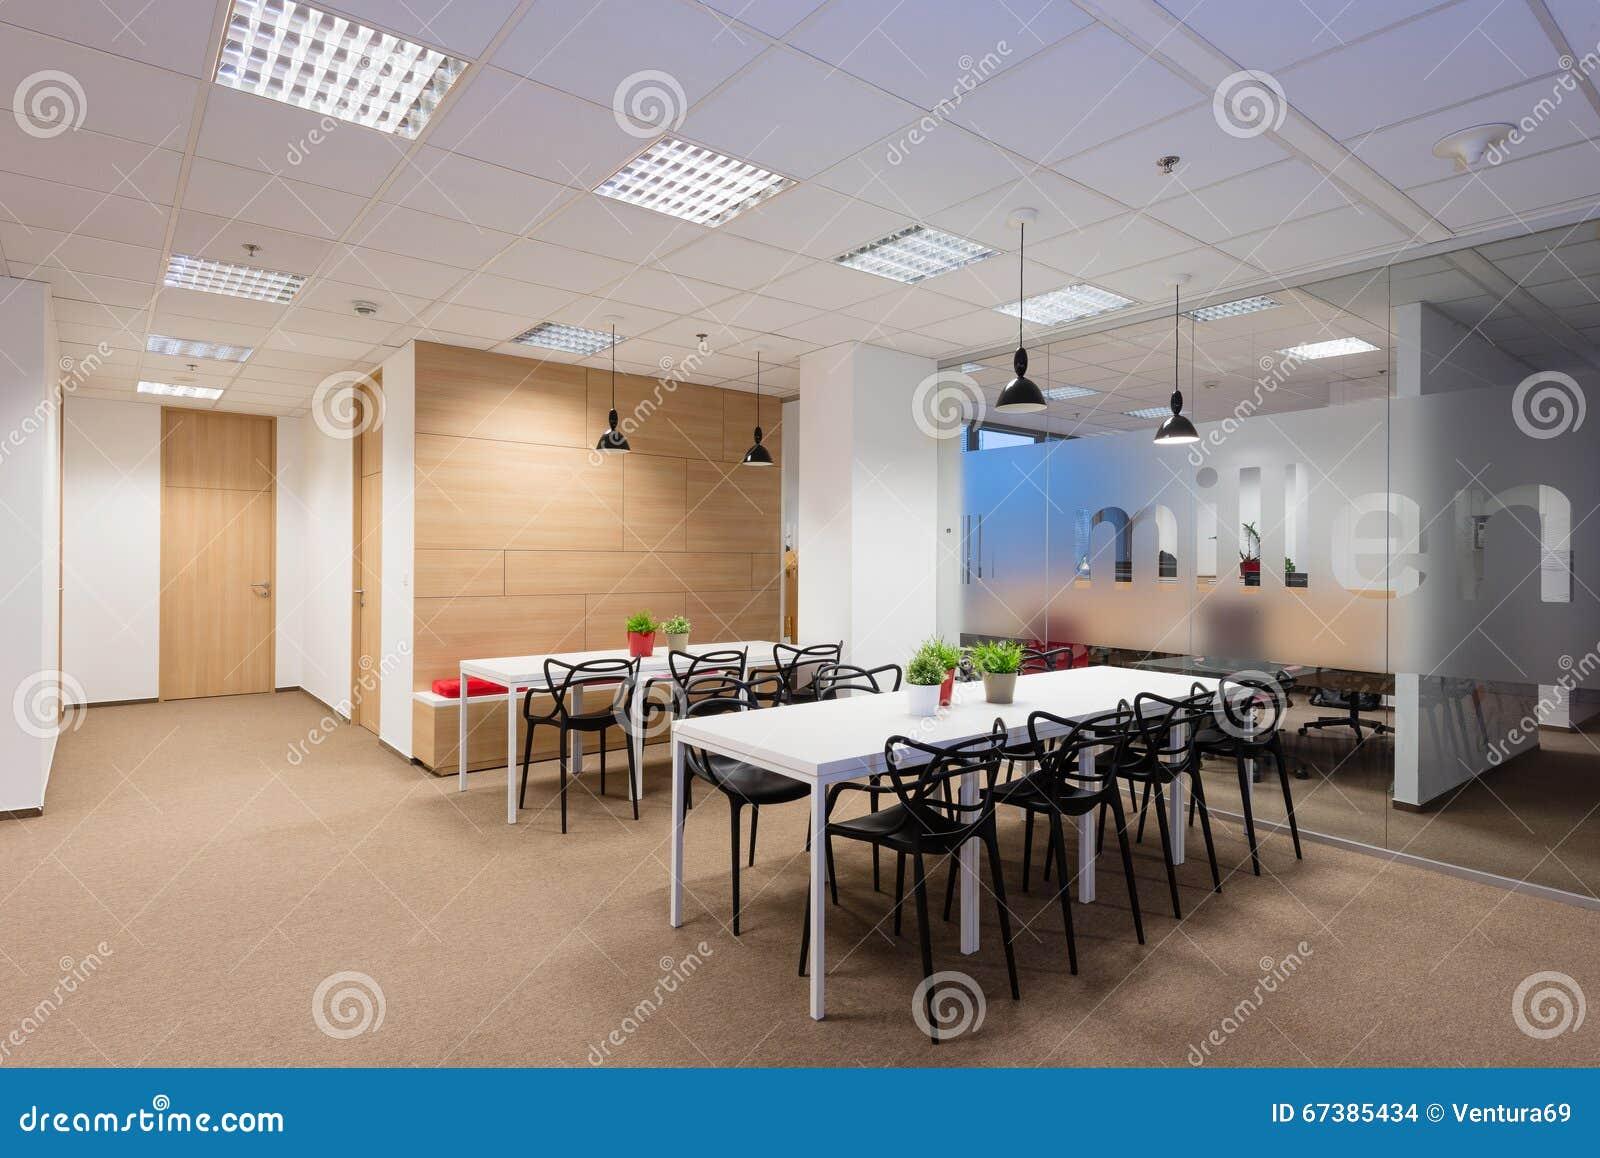 Interiores de la oficina creados por los arquitectos de Kivvi, Bratislava, Eslovaquia